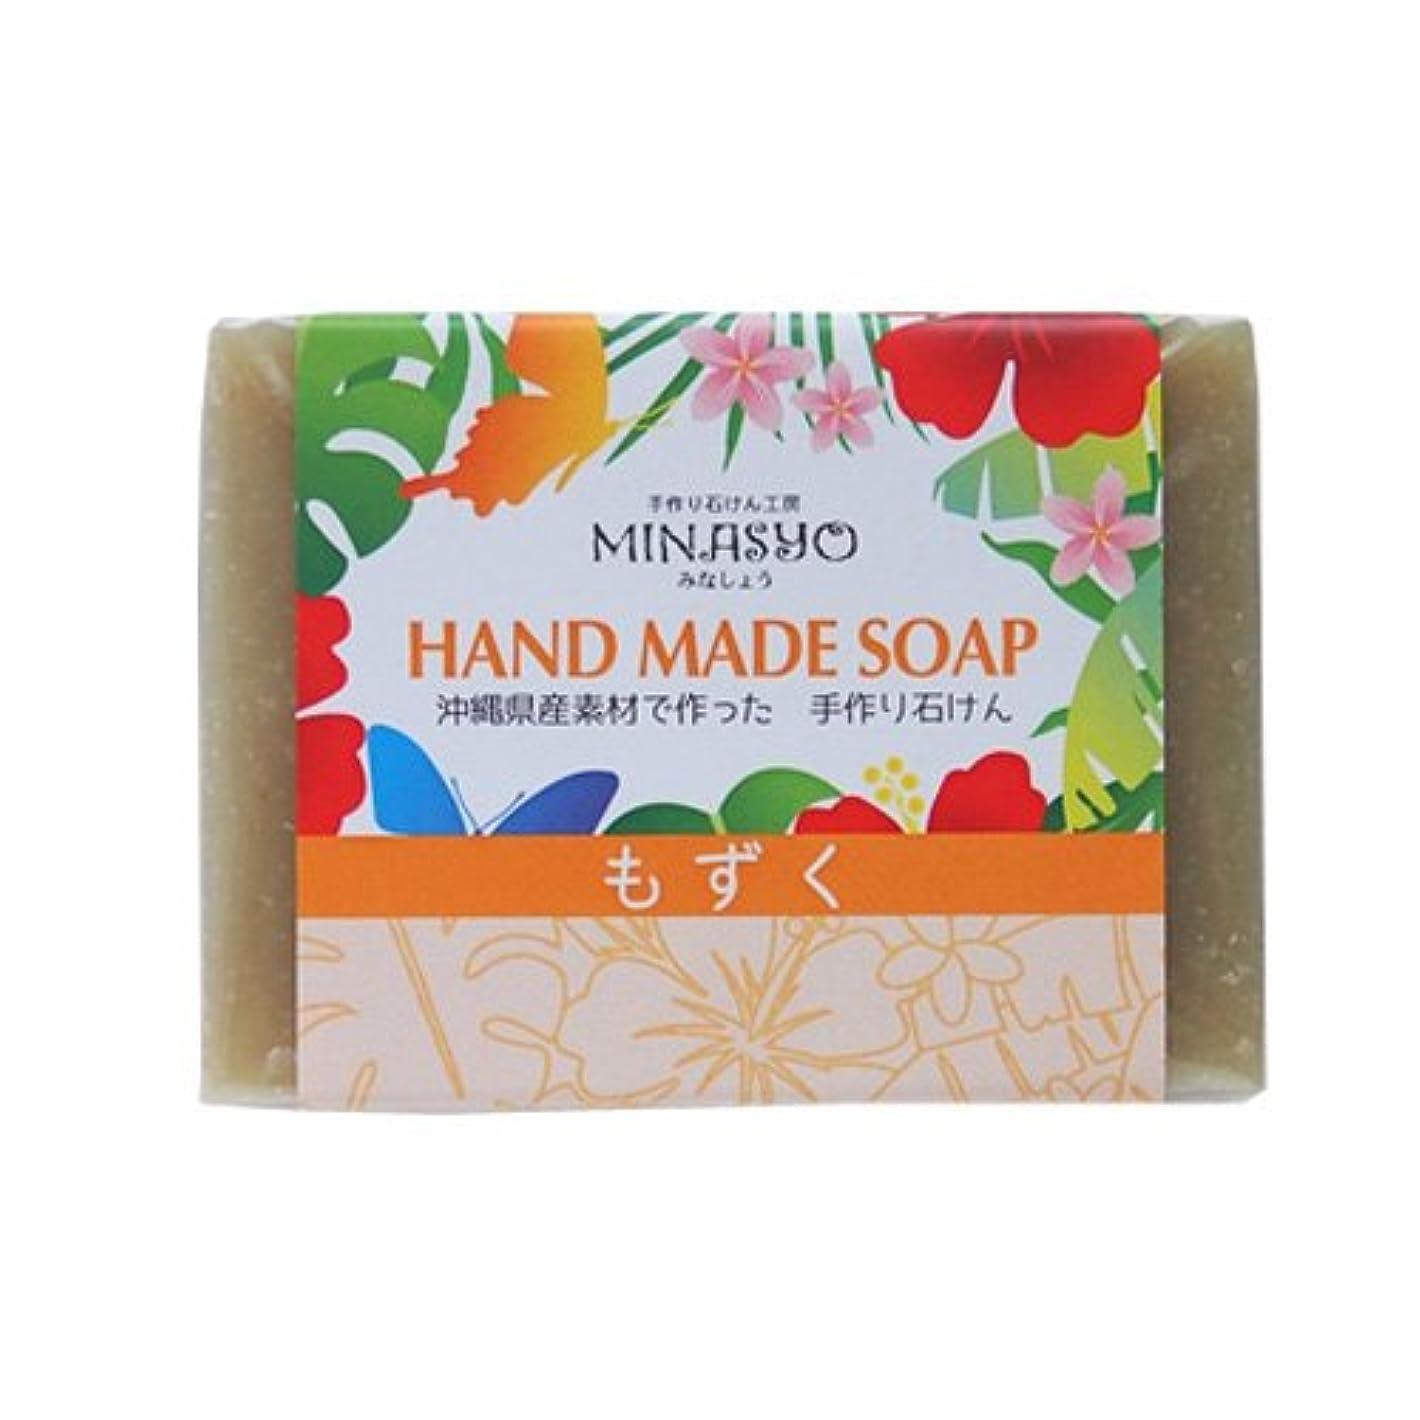 一流クラックテーブル洗顔石鹸 固形 無添加 保湿 敏感肌 乾燥肌 手作りもずく石鹸